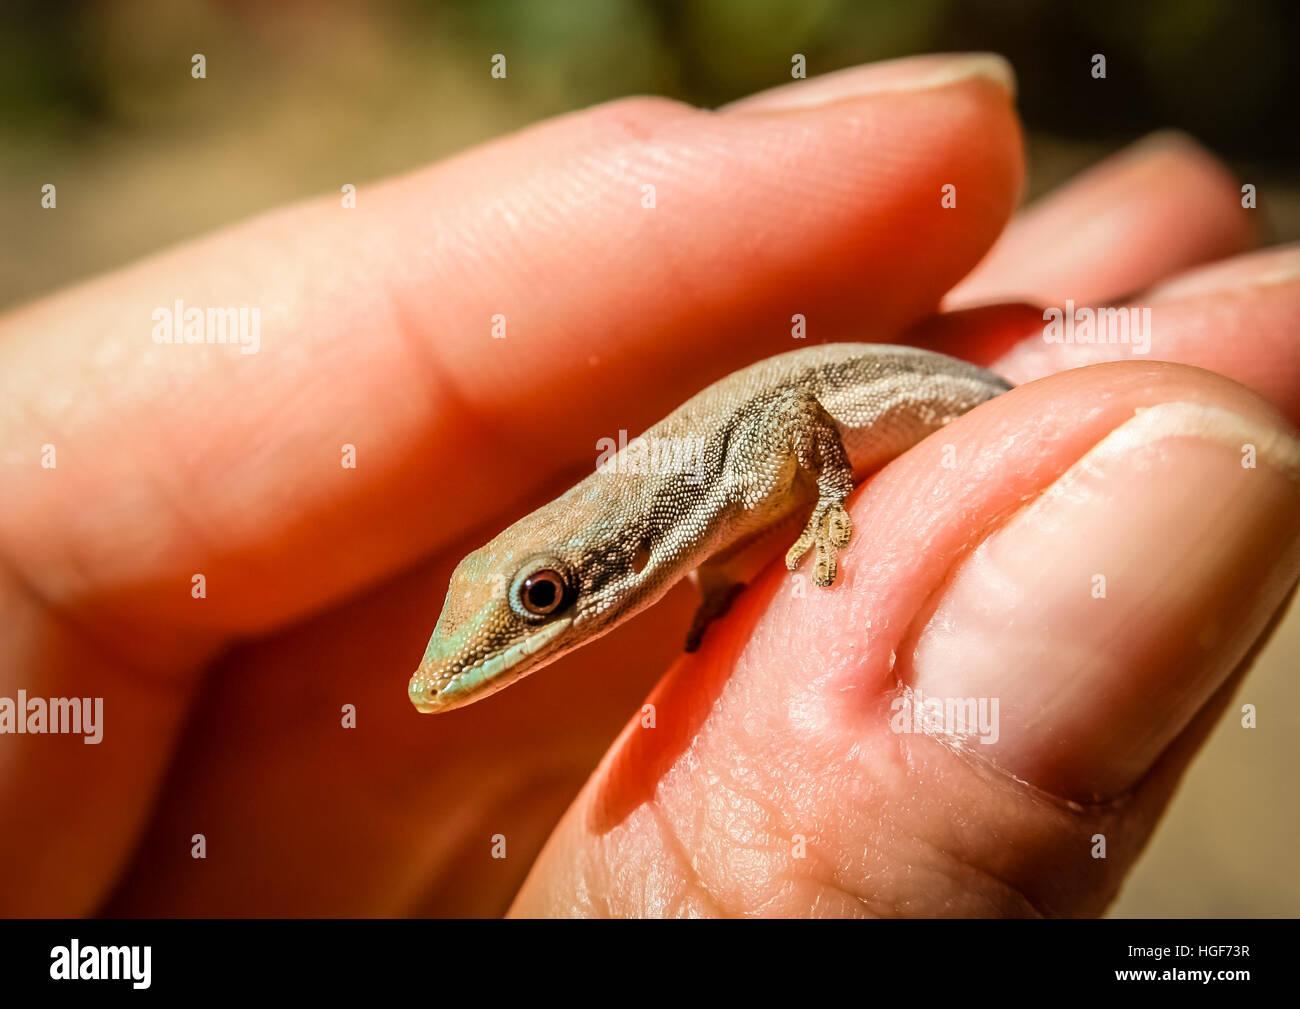 Madagascar pequeño gecko en mano humana Imagen De Stock